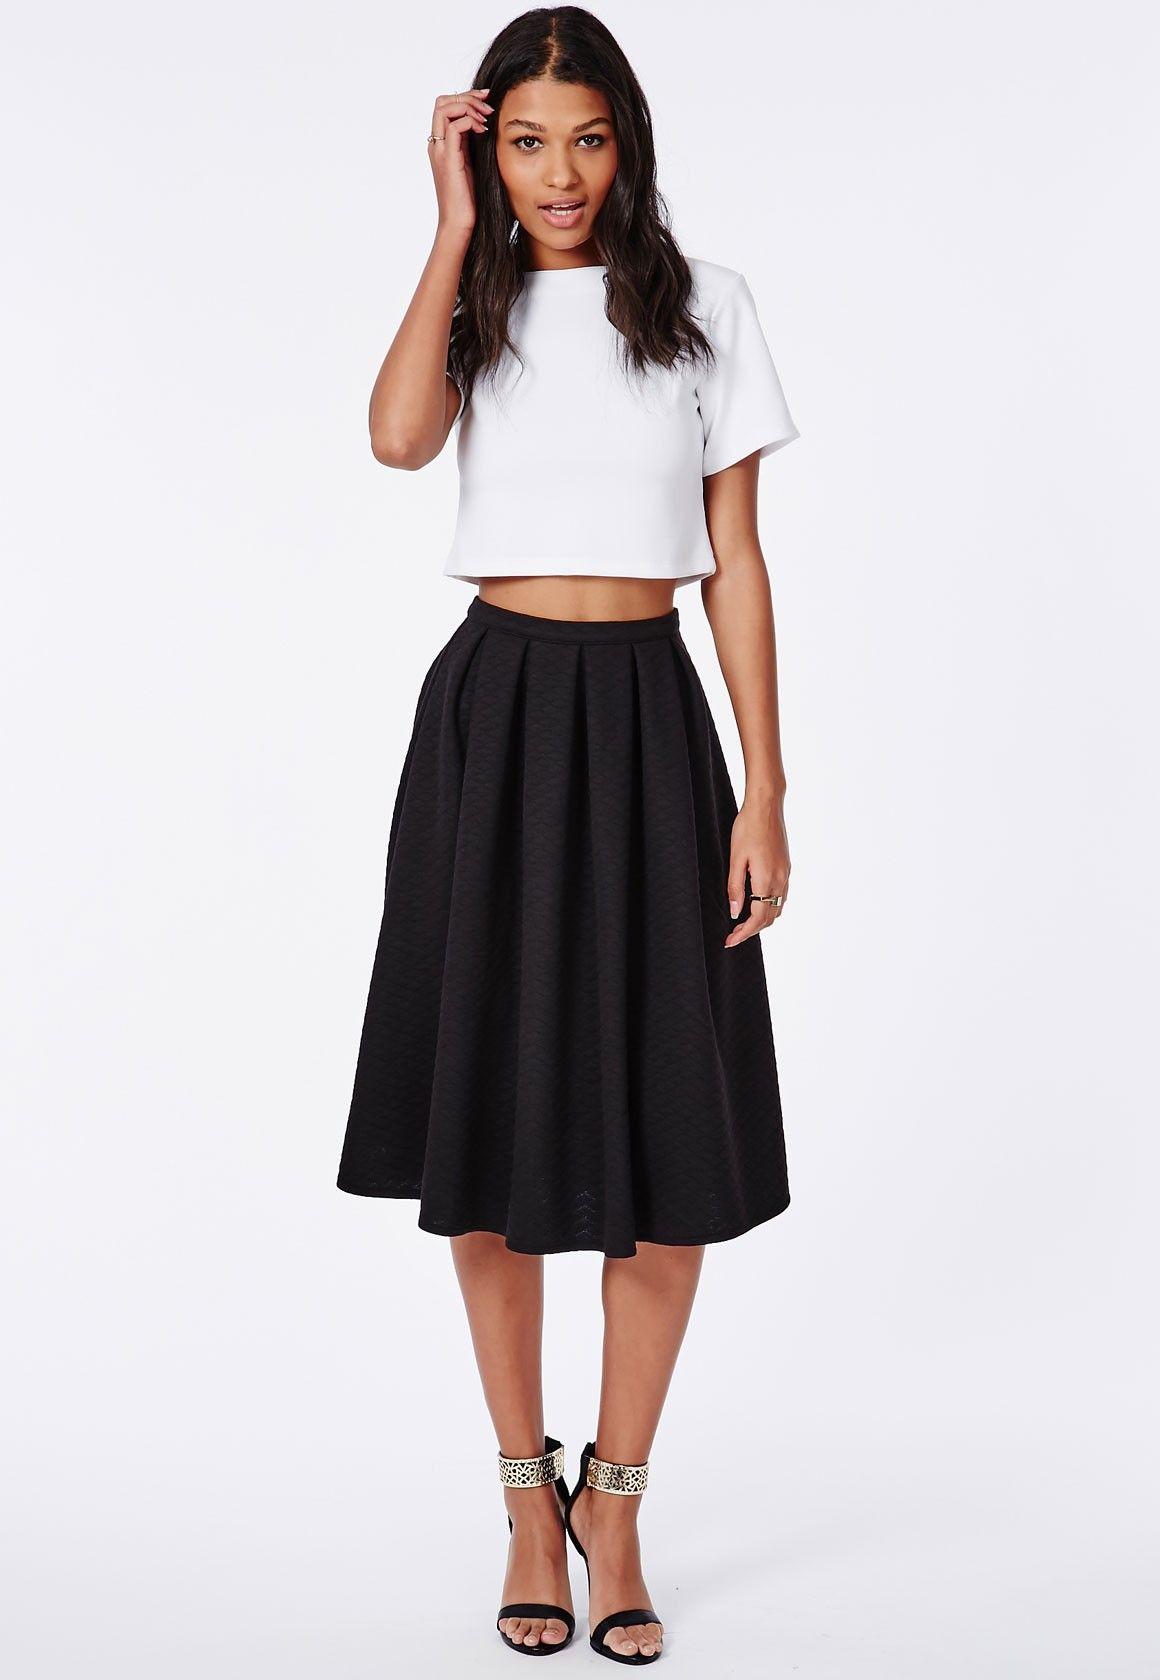 best-black-skirt | Black Skirt | Pinterest | For women ...